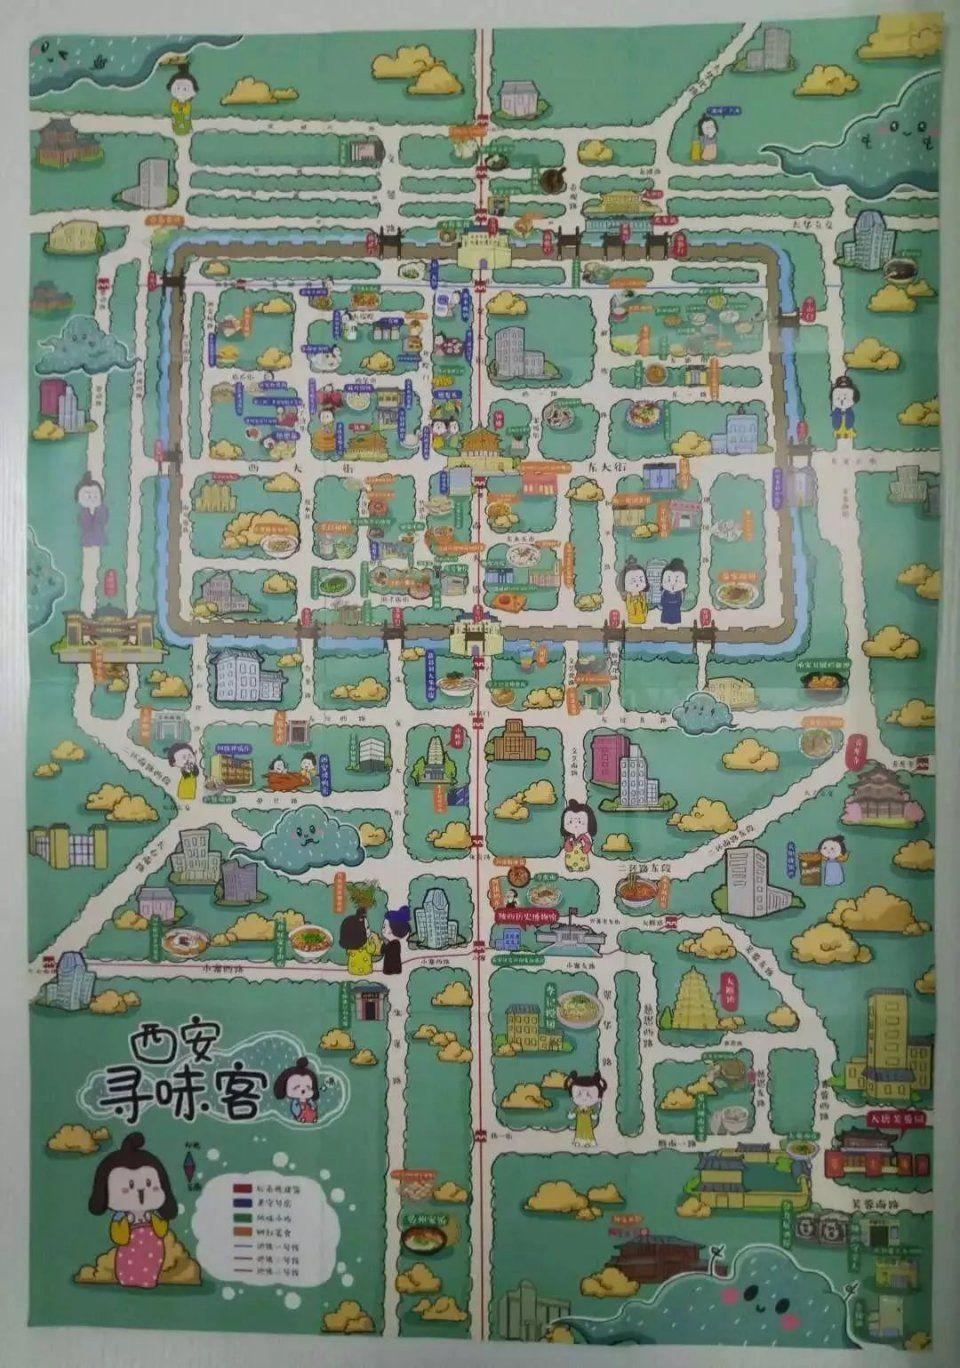 西安美食地圖手繪圖片_手繪美食地圖